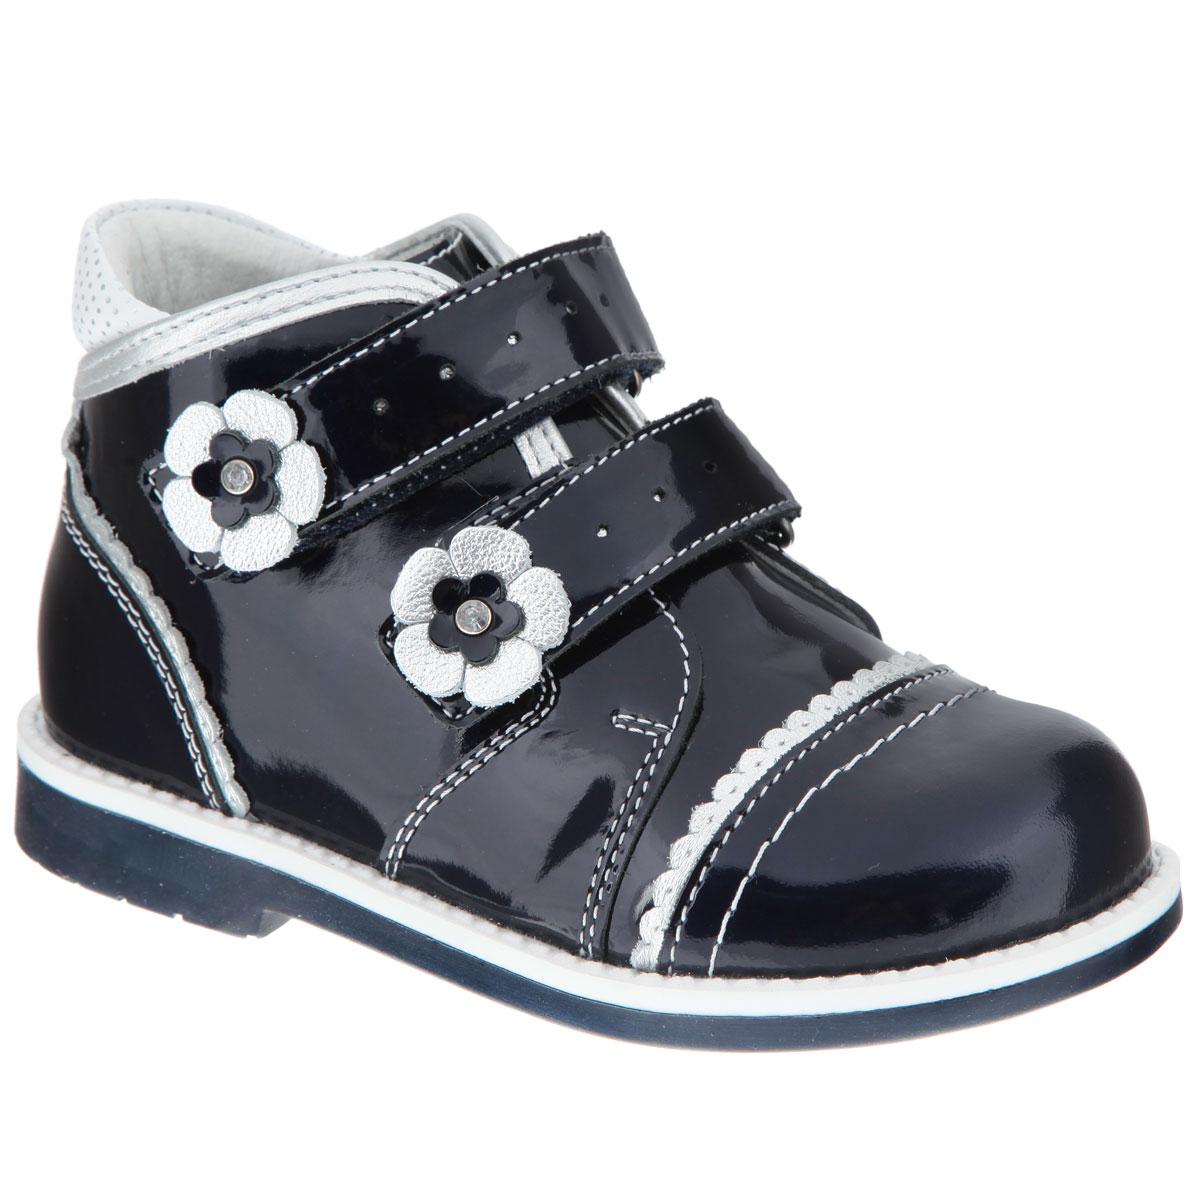 Ботинки для девочки Elegami, цвет: темно-синий, серебристый, белый. 7-801361501. Размер 236/7-801361501Очаровательные ботинки от Elegami приведут в восторг вашу юную модницу! Модель выполнена из натуральной лакированной кожи и оформлена волнообразной окантовкой, на заднике - вставкой контрастного цвета с узором в мелкий горошек. Два ремешка на застежках-липучках, дополненные перфорацией и аппликациями в виде цветочков, прочно зафиксируют модель на ноге. Стелька из натуральной кожи с супинатором гарантирует правильное положение ноги ребенка при ходьбе, предотвращает плоскостопие. Низкий каблук и подошва с рифлением обеспечивают идеальное сцепление с любыми поверхностями.Удобные ботинки - необходимая вещь в гардеробе каждого ребенка.